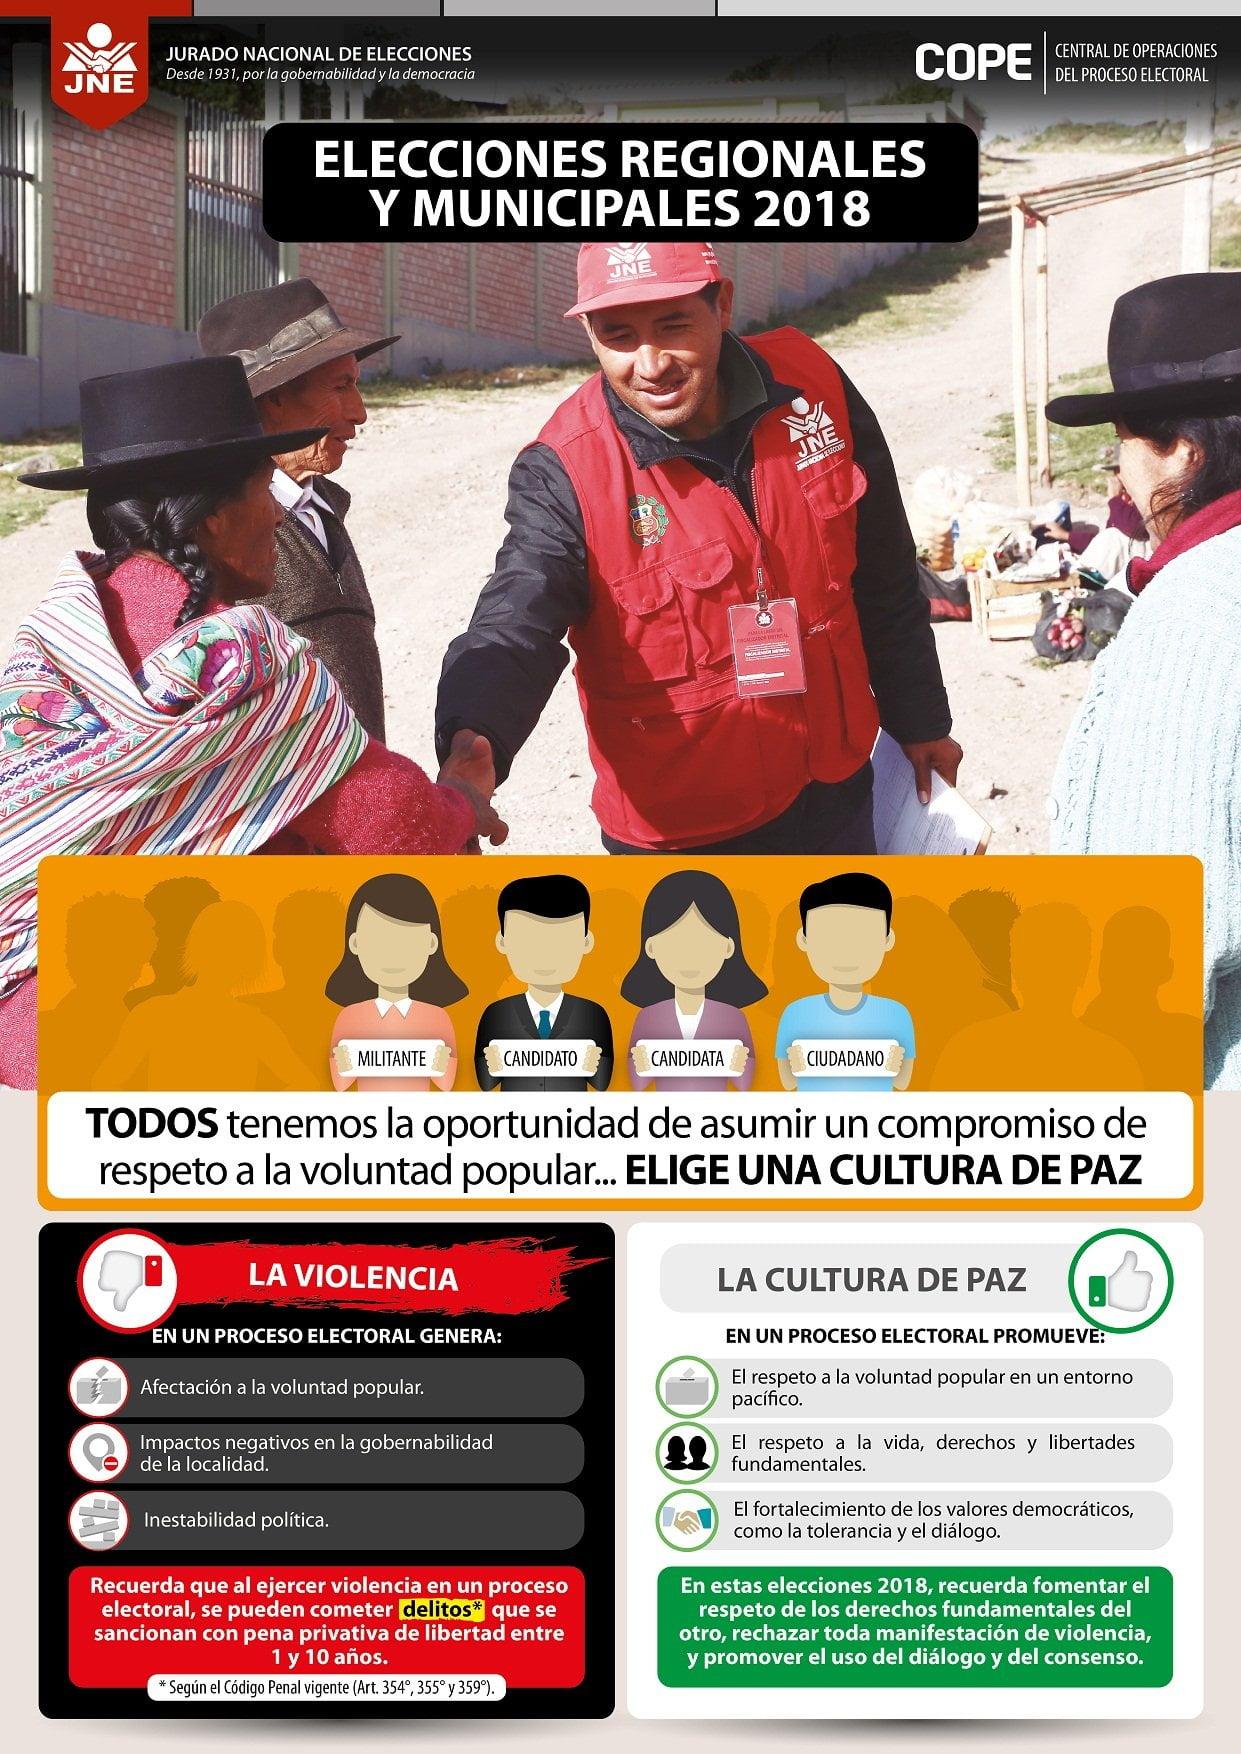 JNE PROMUEVE CULTURA DE PAZ EN ELECCIONES